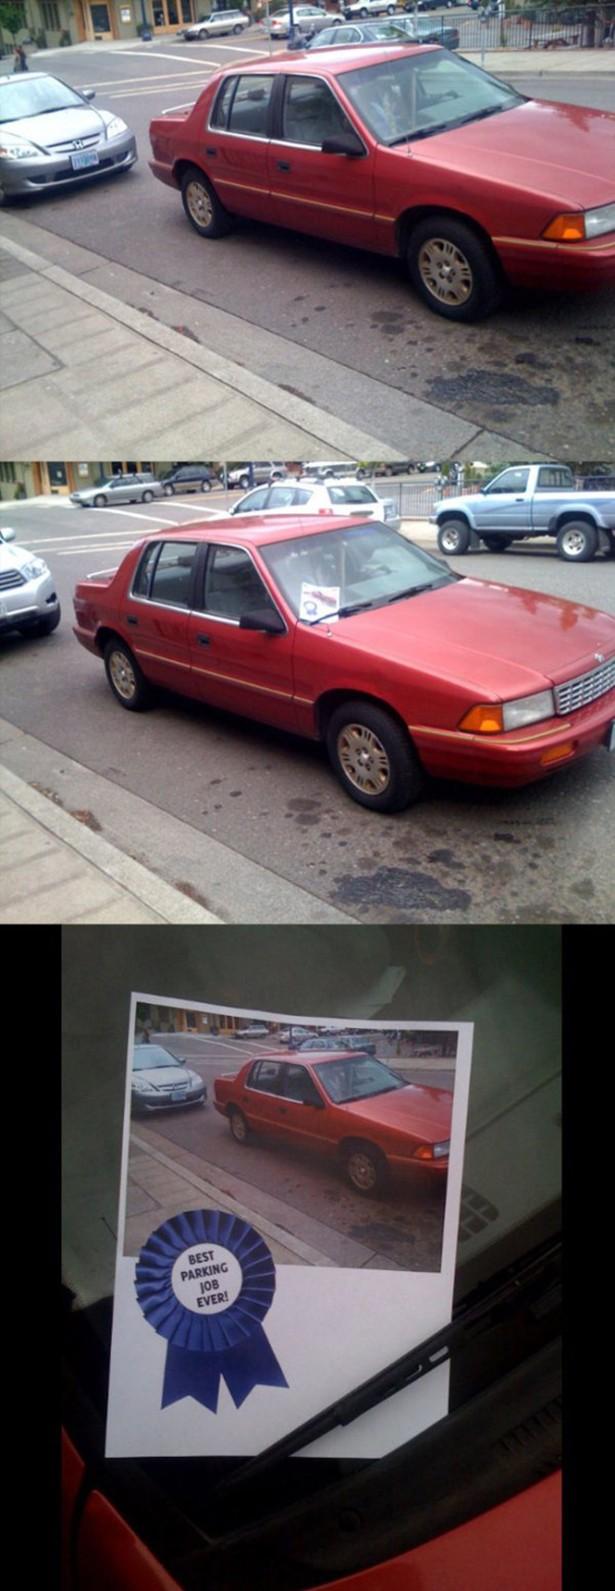 parking-fails-004-04142015